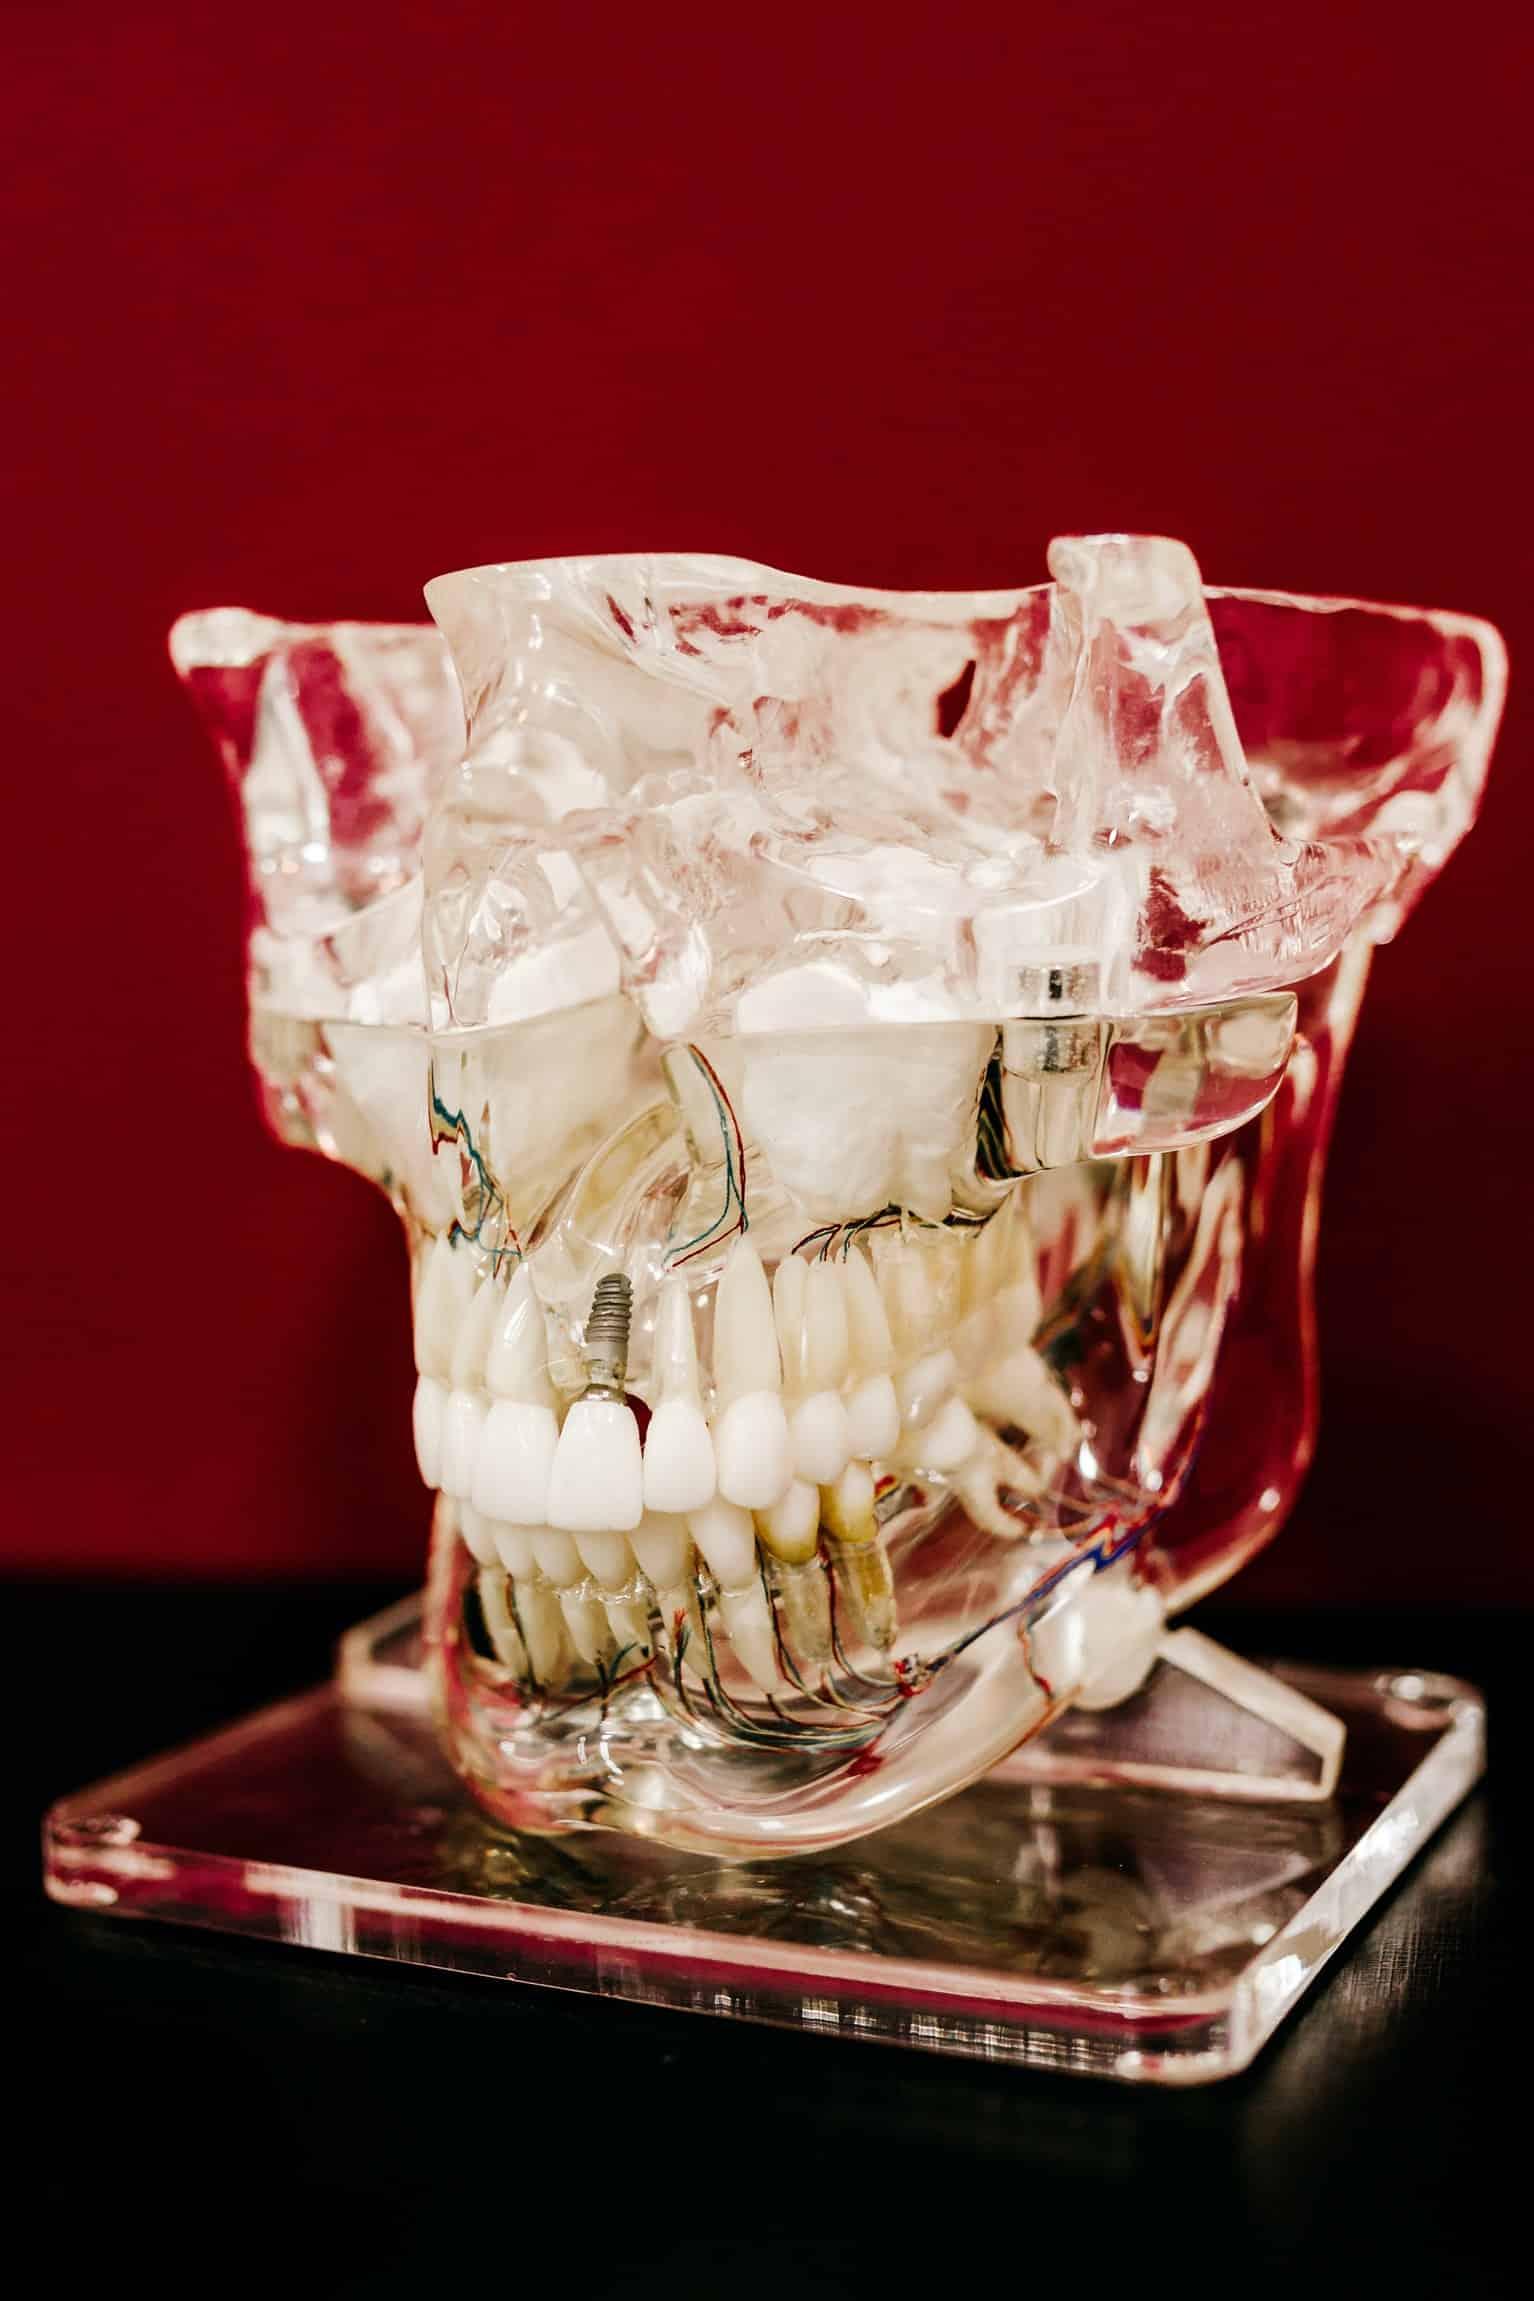 modelos prototipados na Odontologia